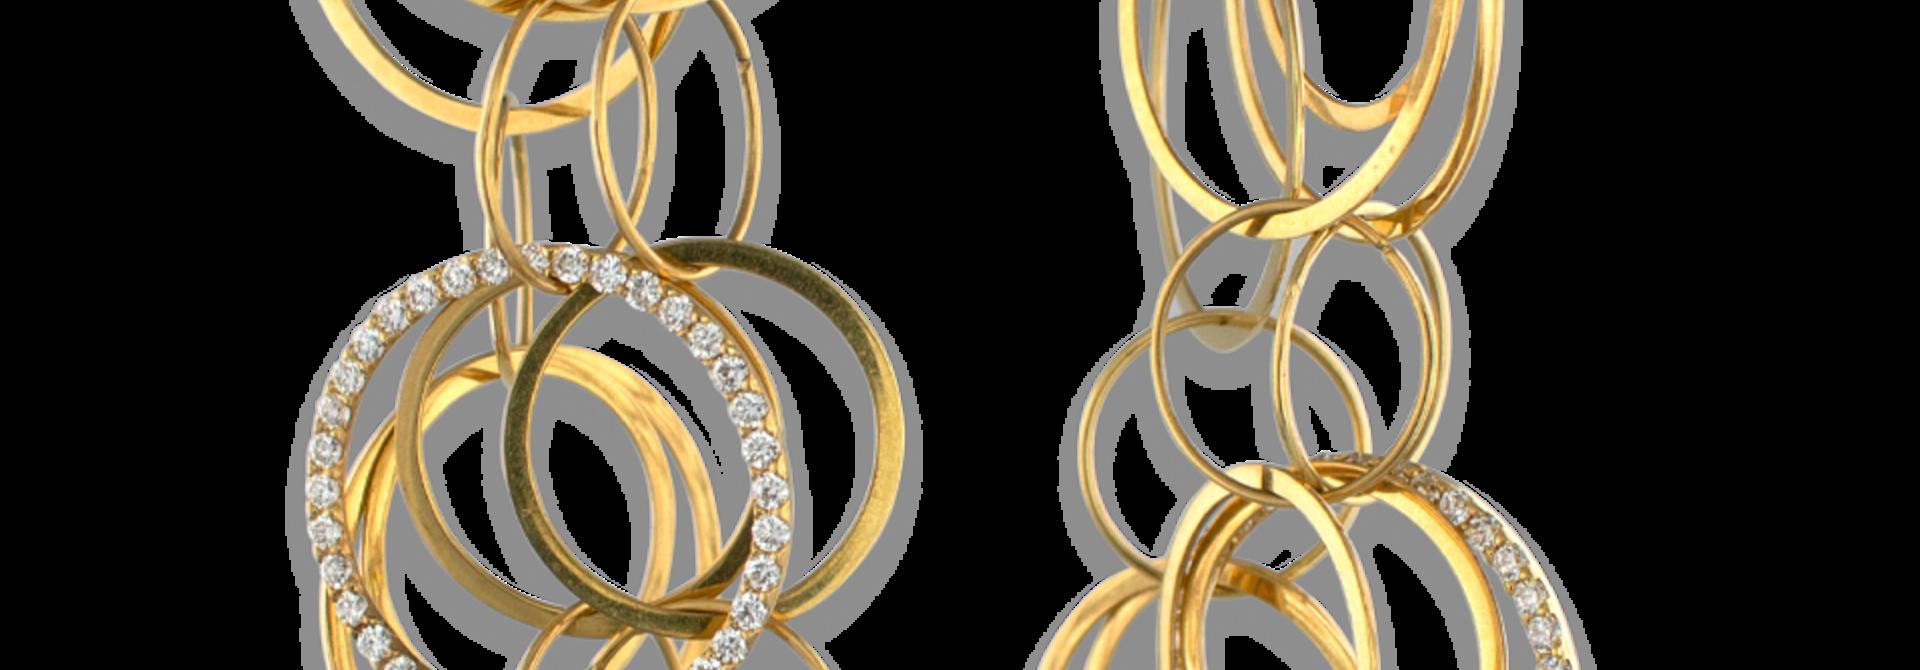 18k Gold and Diamond Multi-Hoop Link Earrings